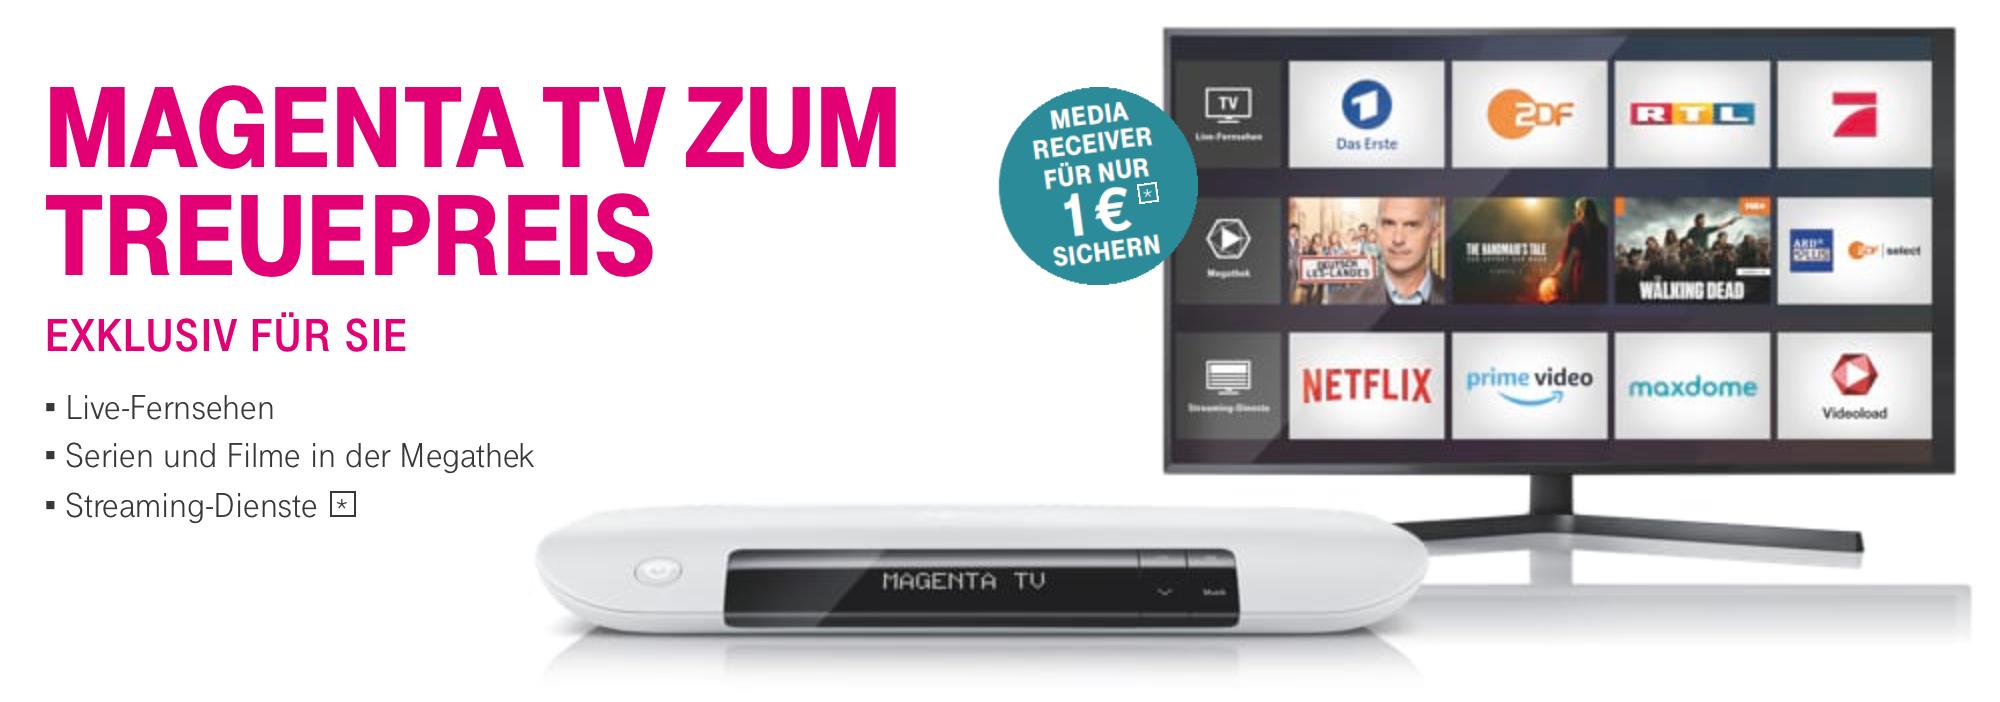 Magenta TV Media Receiver 401 für 1 EUR bei Abschluß eines Magenta TV Vertrags (eventuell nur Bestandskunden)